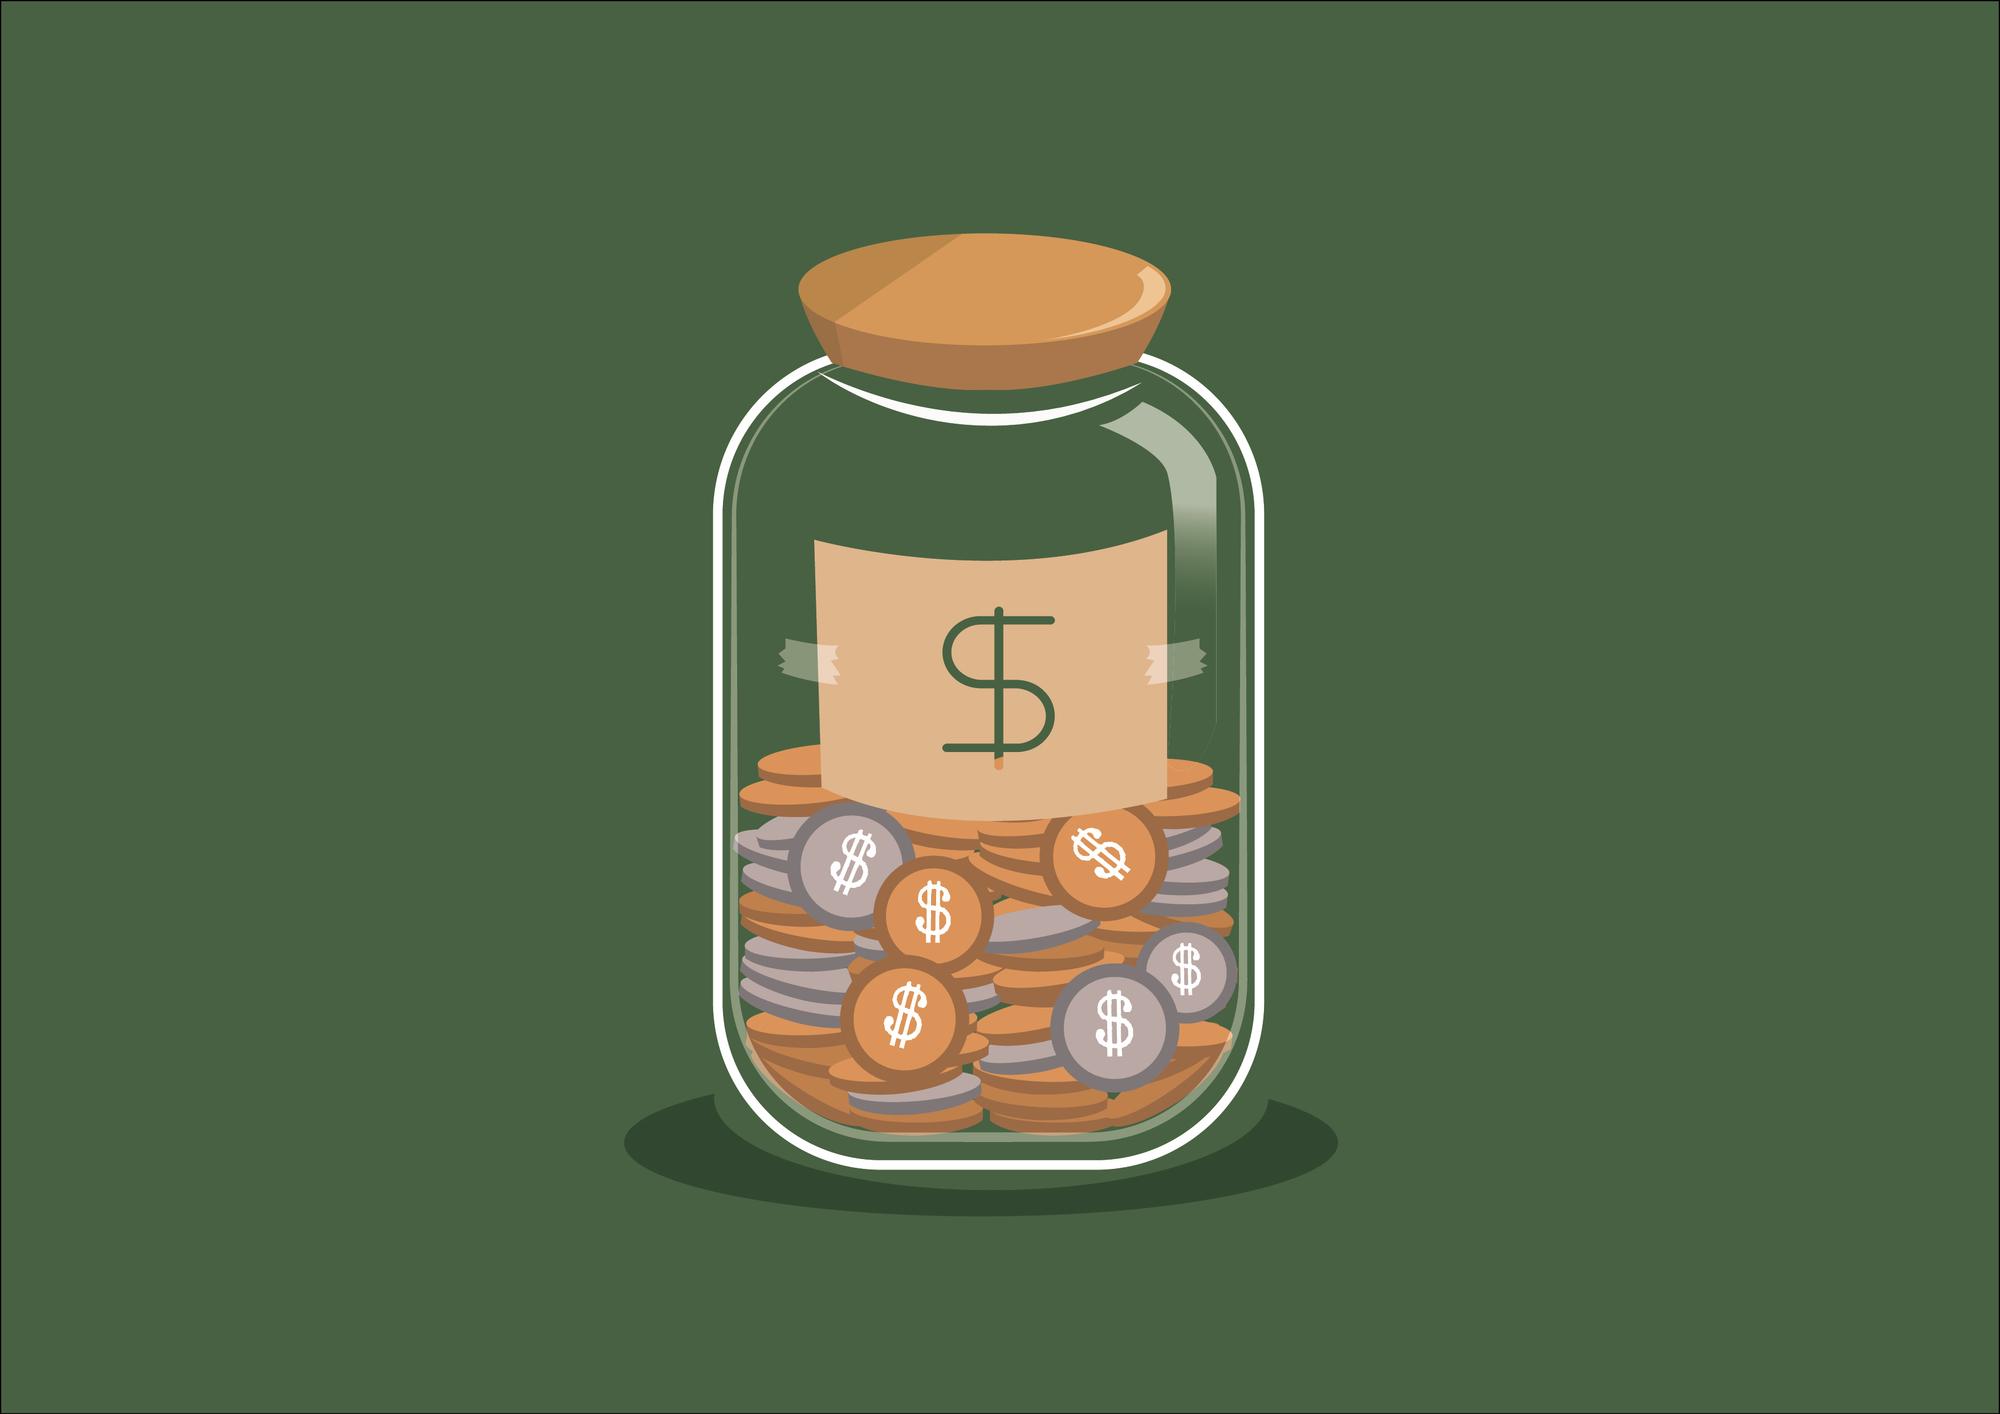 5 приложений для планирования бюджета, которые помогут вам сэкономить